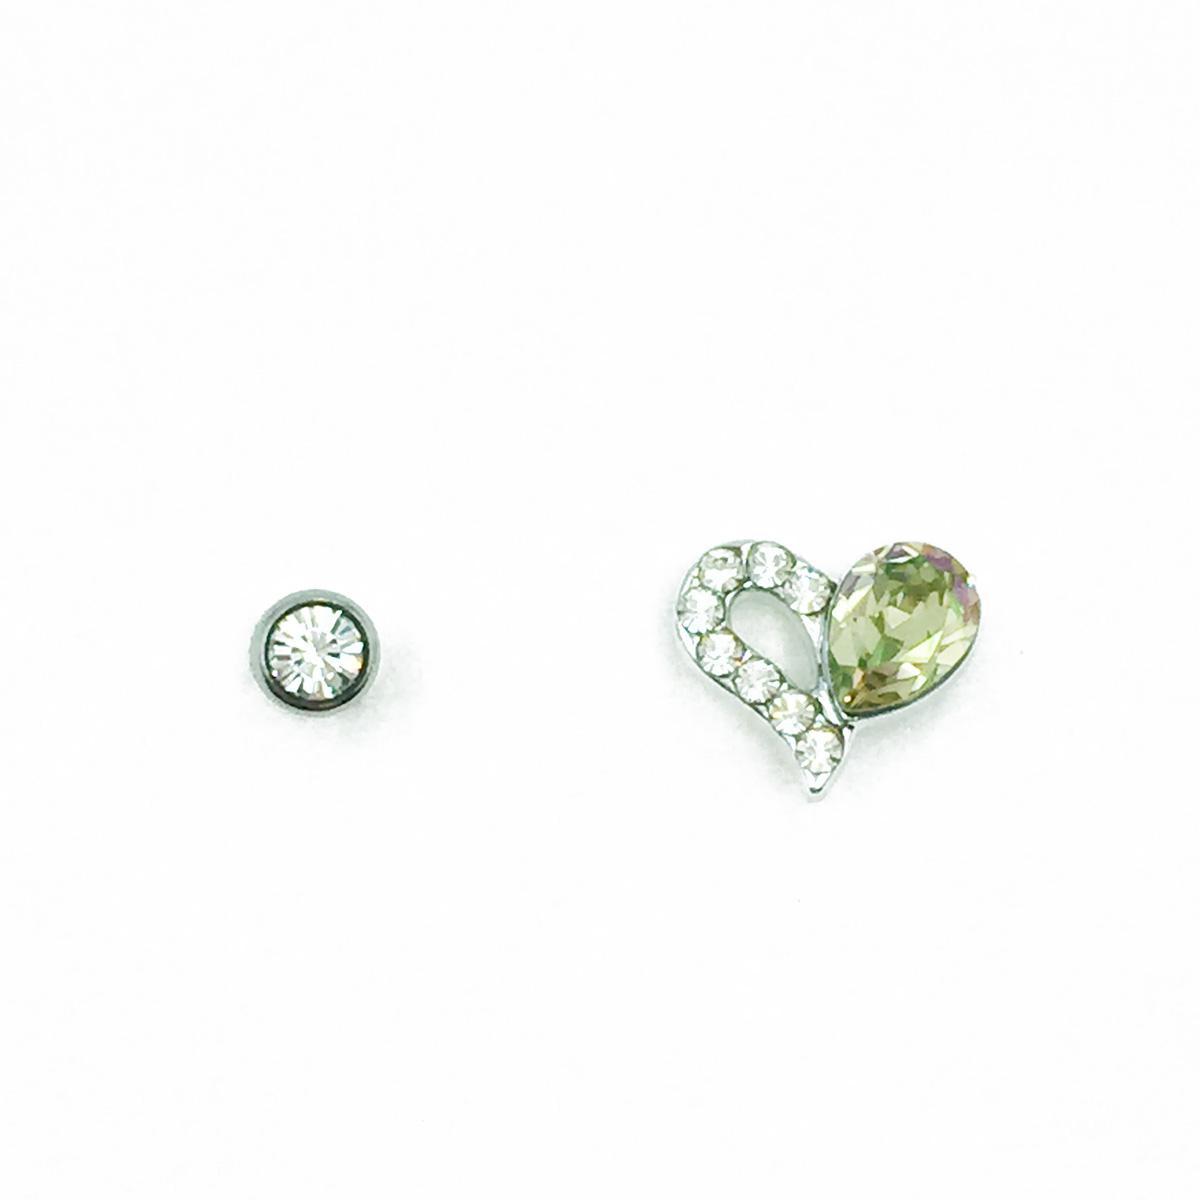 不鏽鋼 半簍空愛心 水鑽 後轉式針式耳環